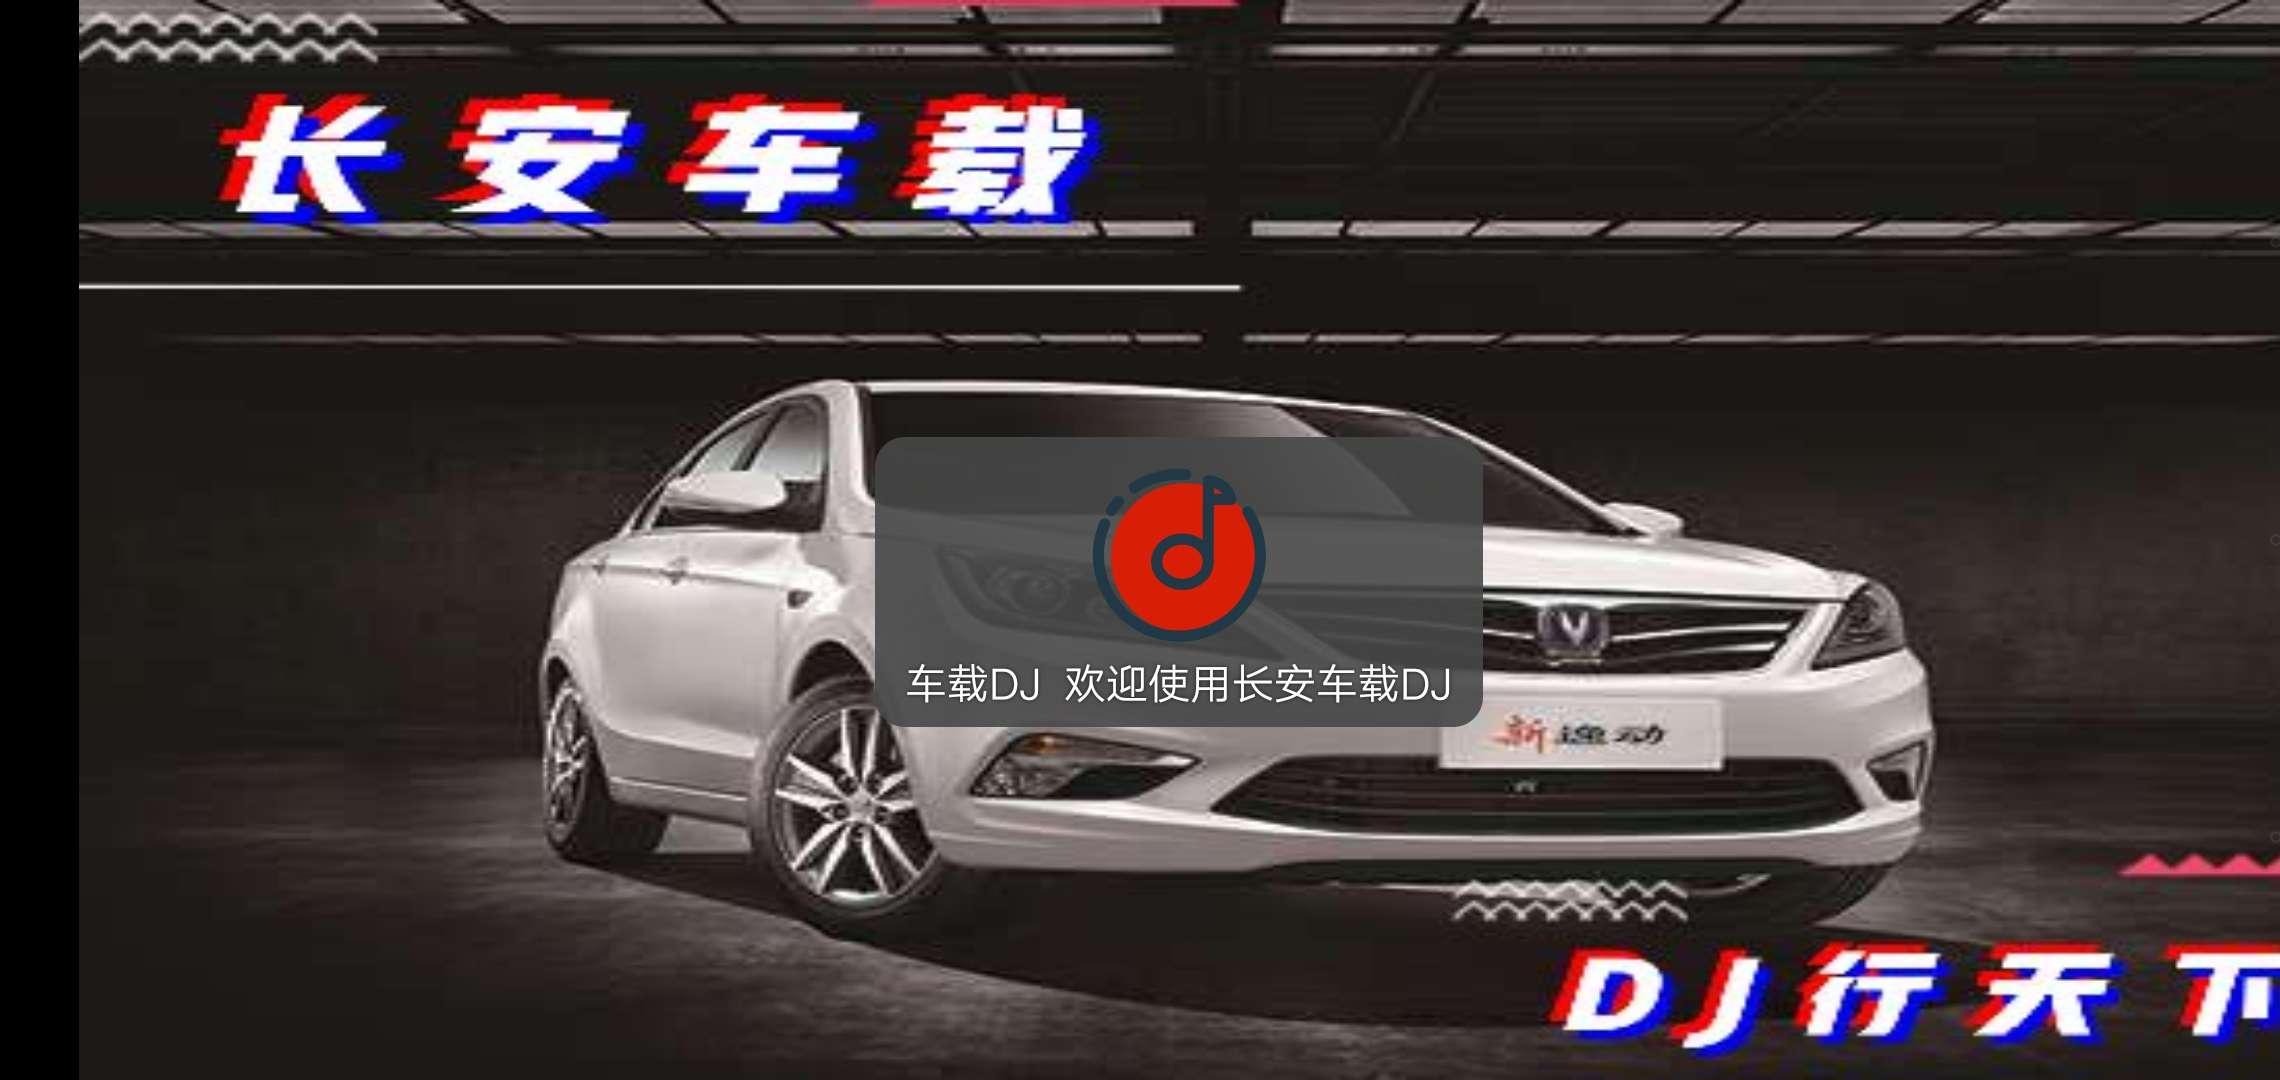 【原创】车载DJ音乐播放器,开车全靠抖(已修复失效)